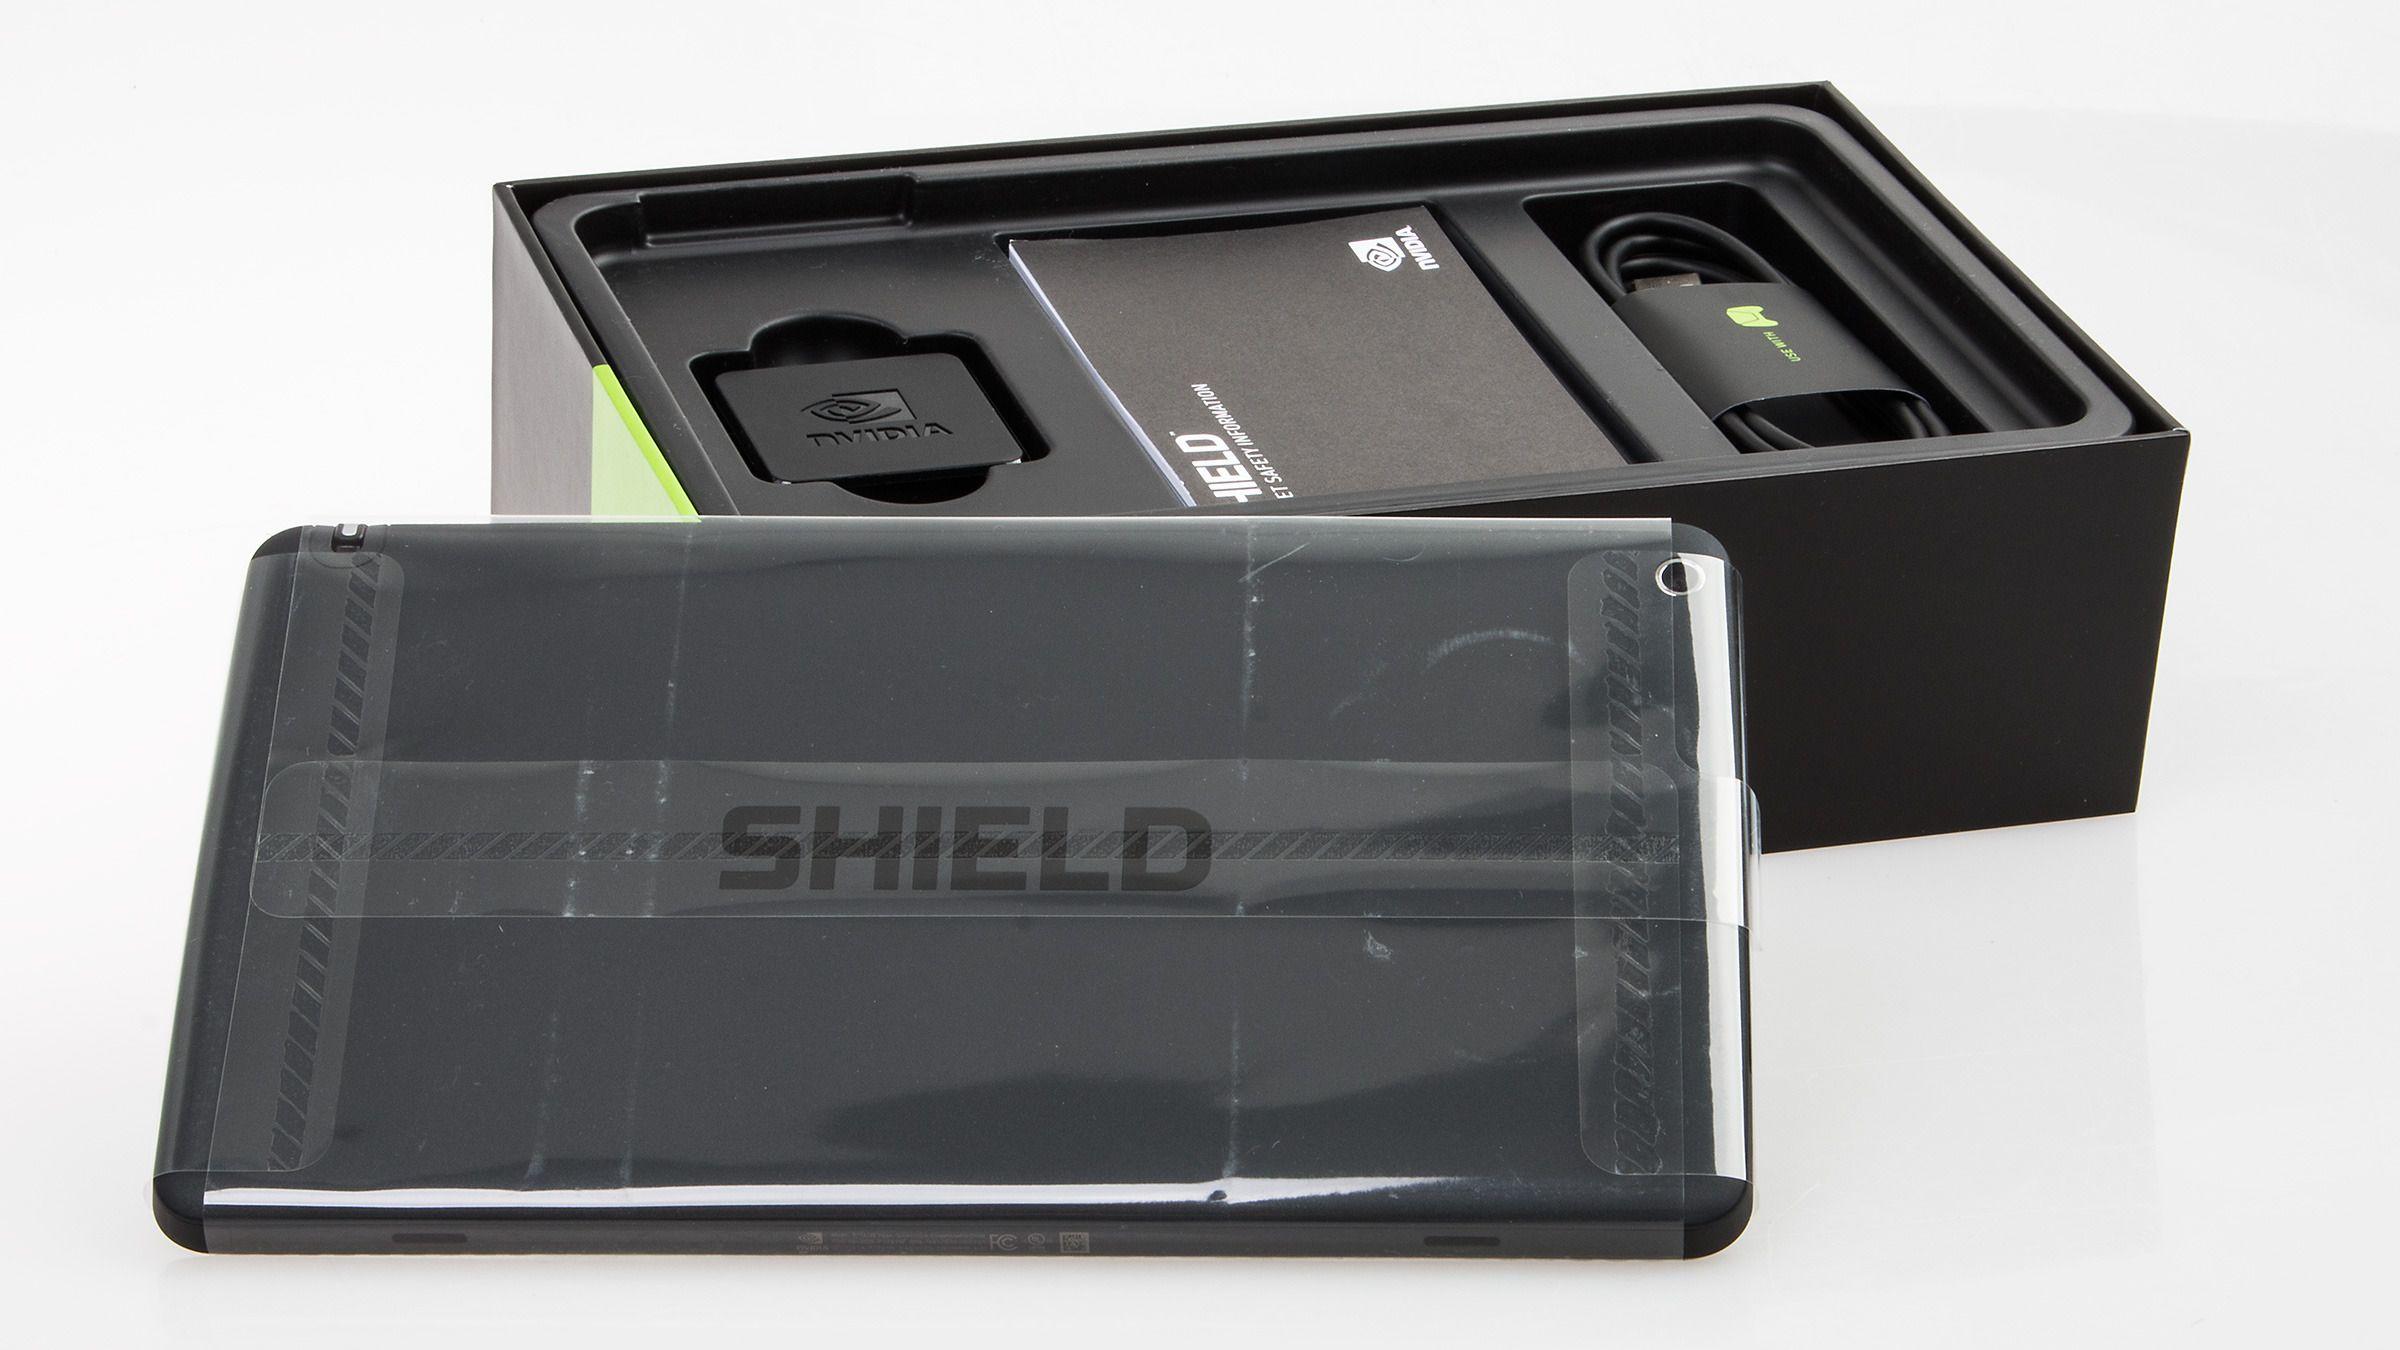 Gjennom det beskyttende plastomslaget ser vi ordet «Shield» gravert inn i nettbrettets rygg.Foto: Varg Aamo, Hardware.no